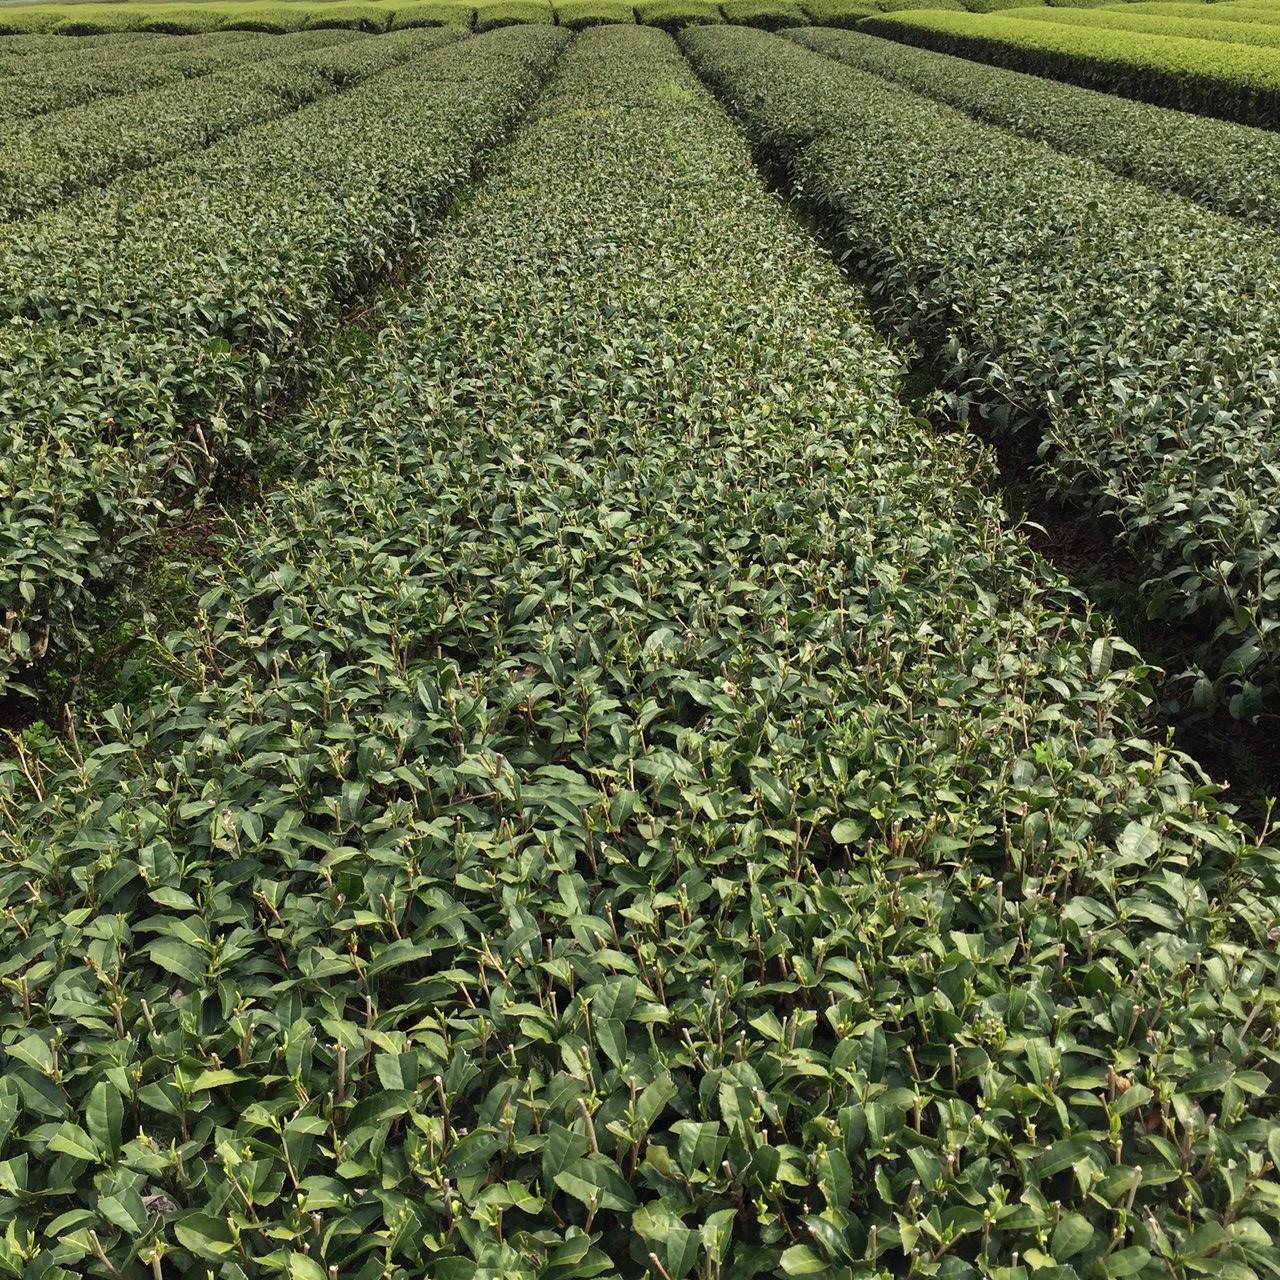 2017年4月9日かごしま緑茶の茶園風景です。品種はヤブキタです。まだまだお休み中です。